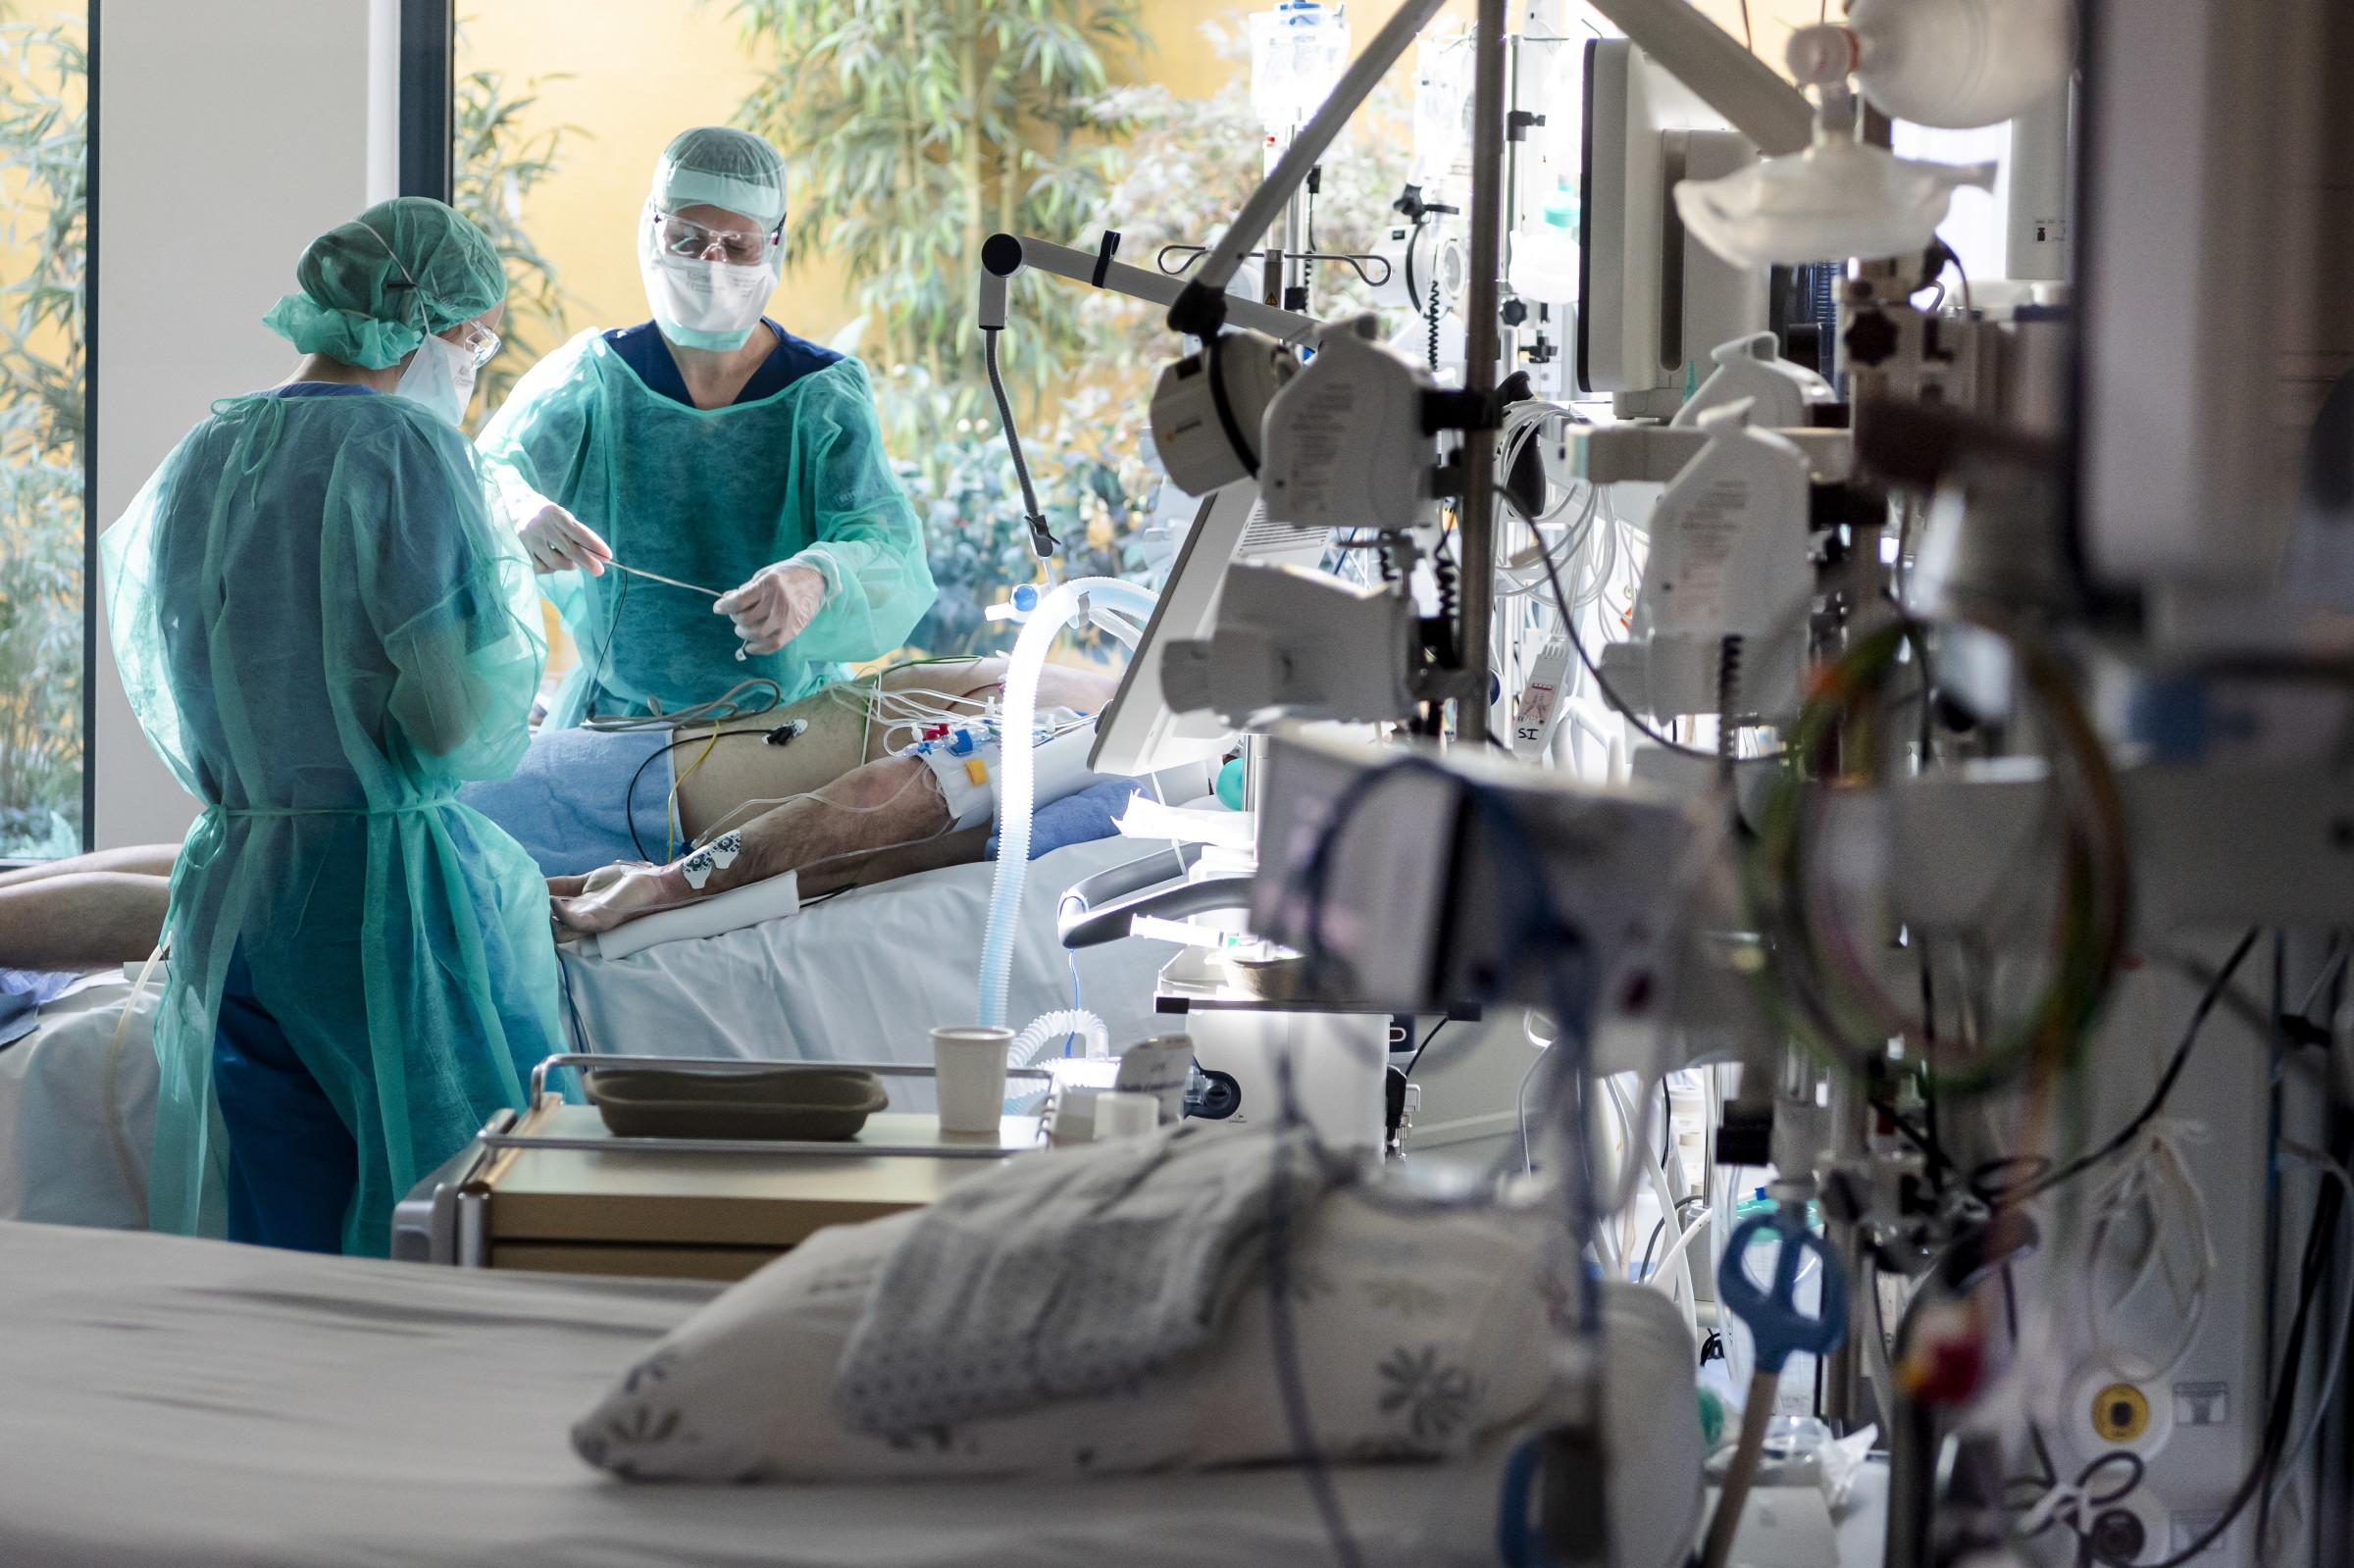 Giganci motoryzacyjni pomogą w walce z koronawirusem